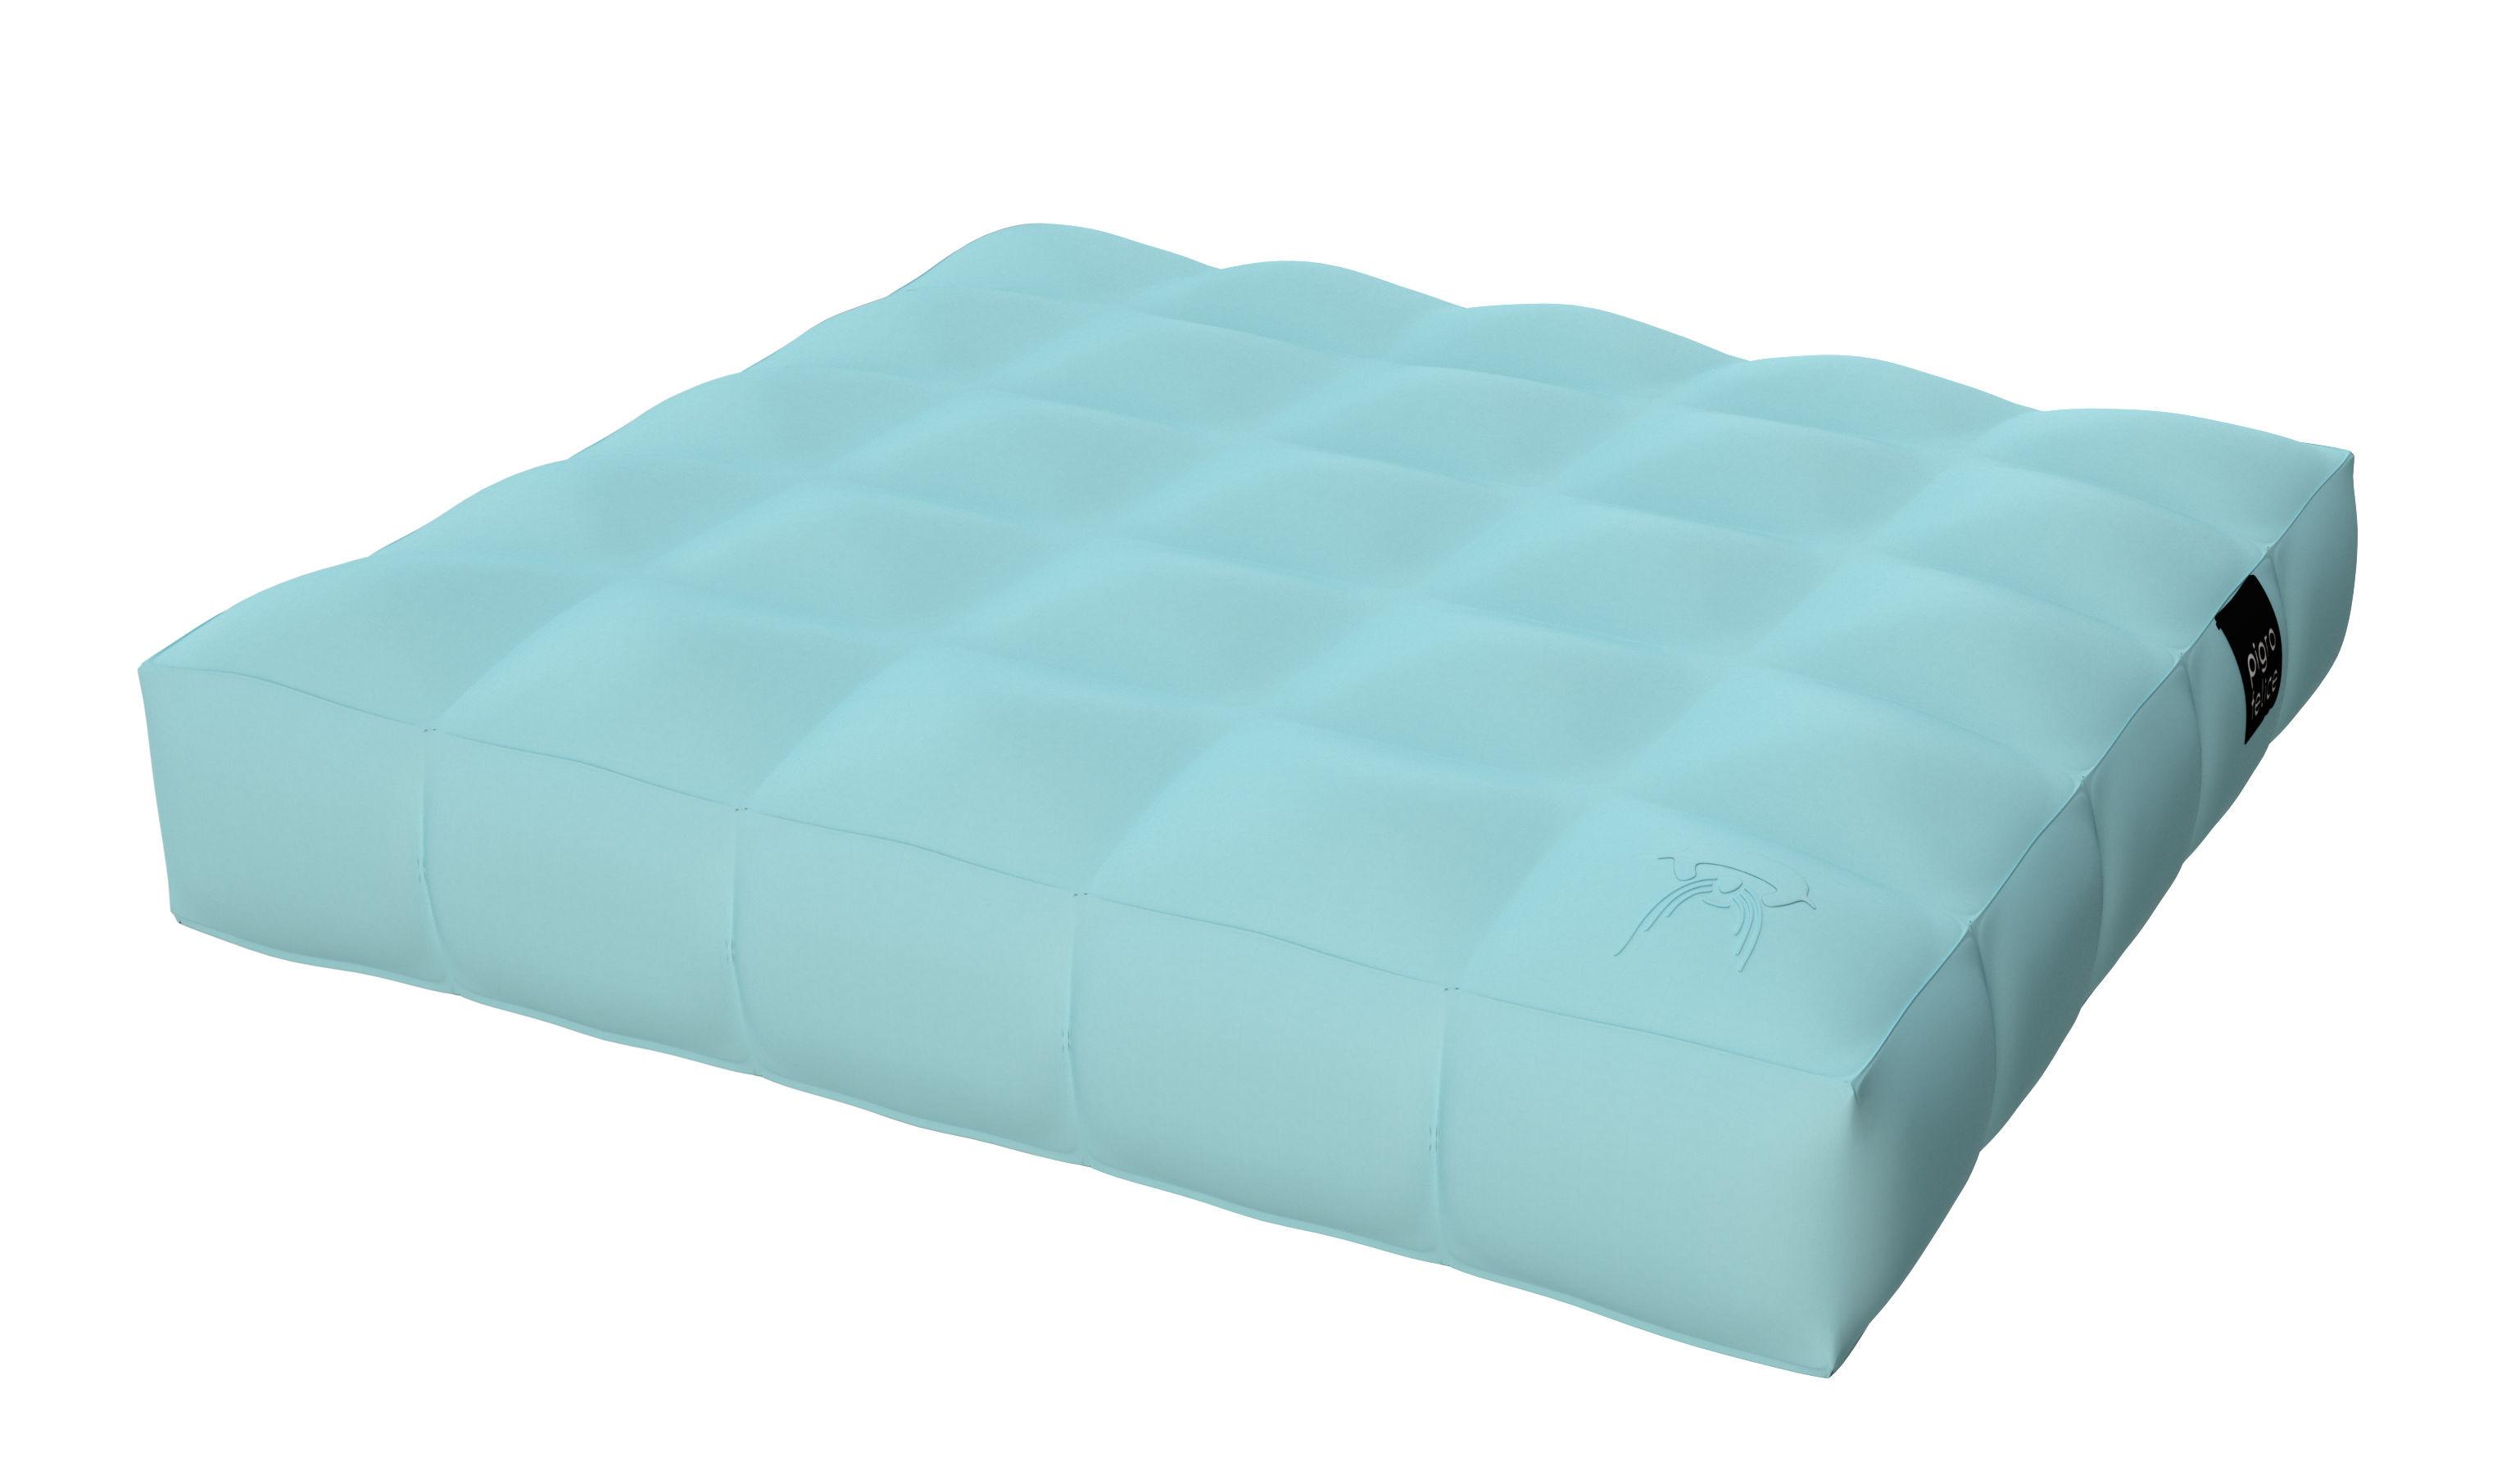 Jardin - Poufs, coussins & tapis d'extérieur - Matelas gonflable Modul'Air / Flottant - 117 x 117 cm - Pigro Felice - Matelas / Bleu - PVC